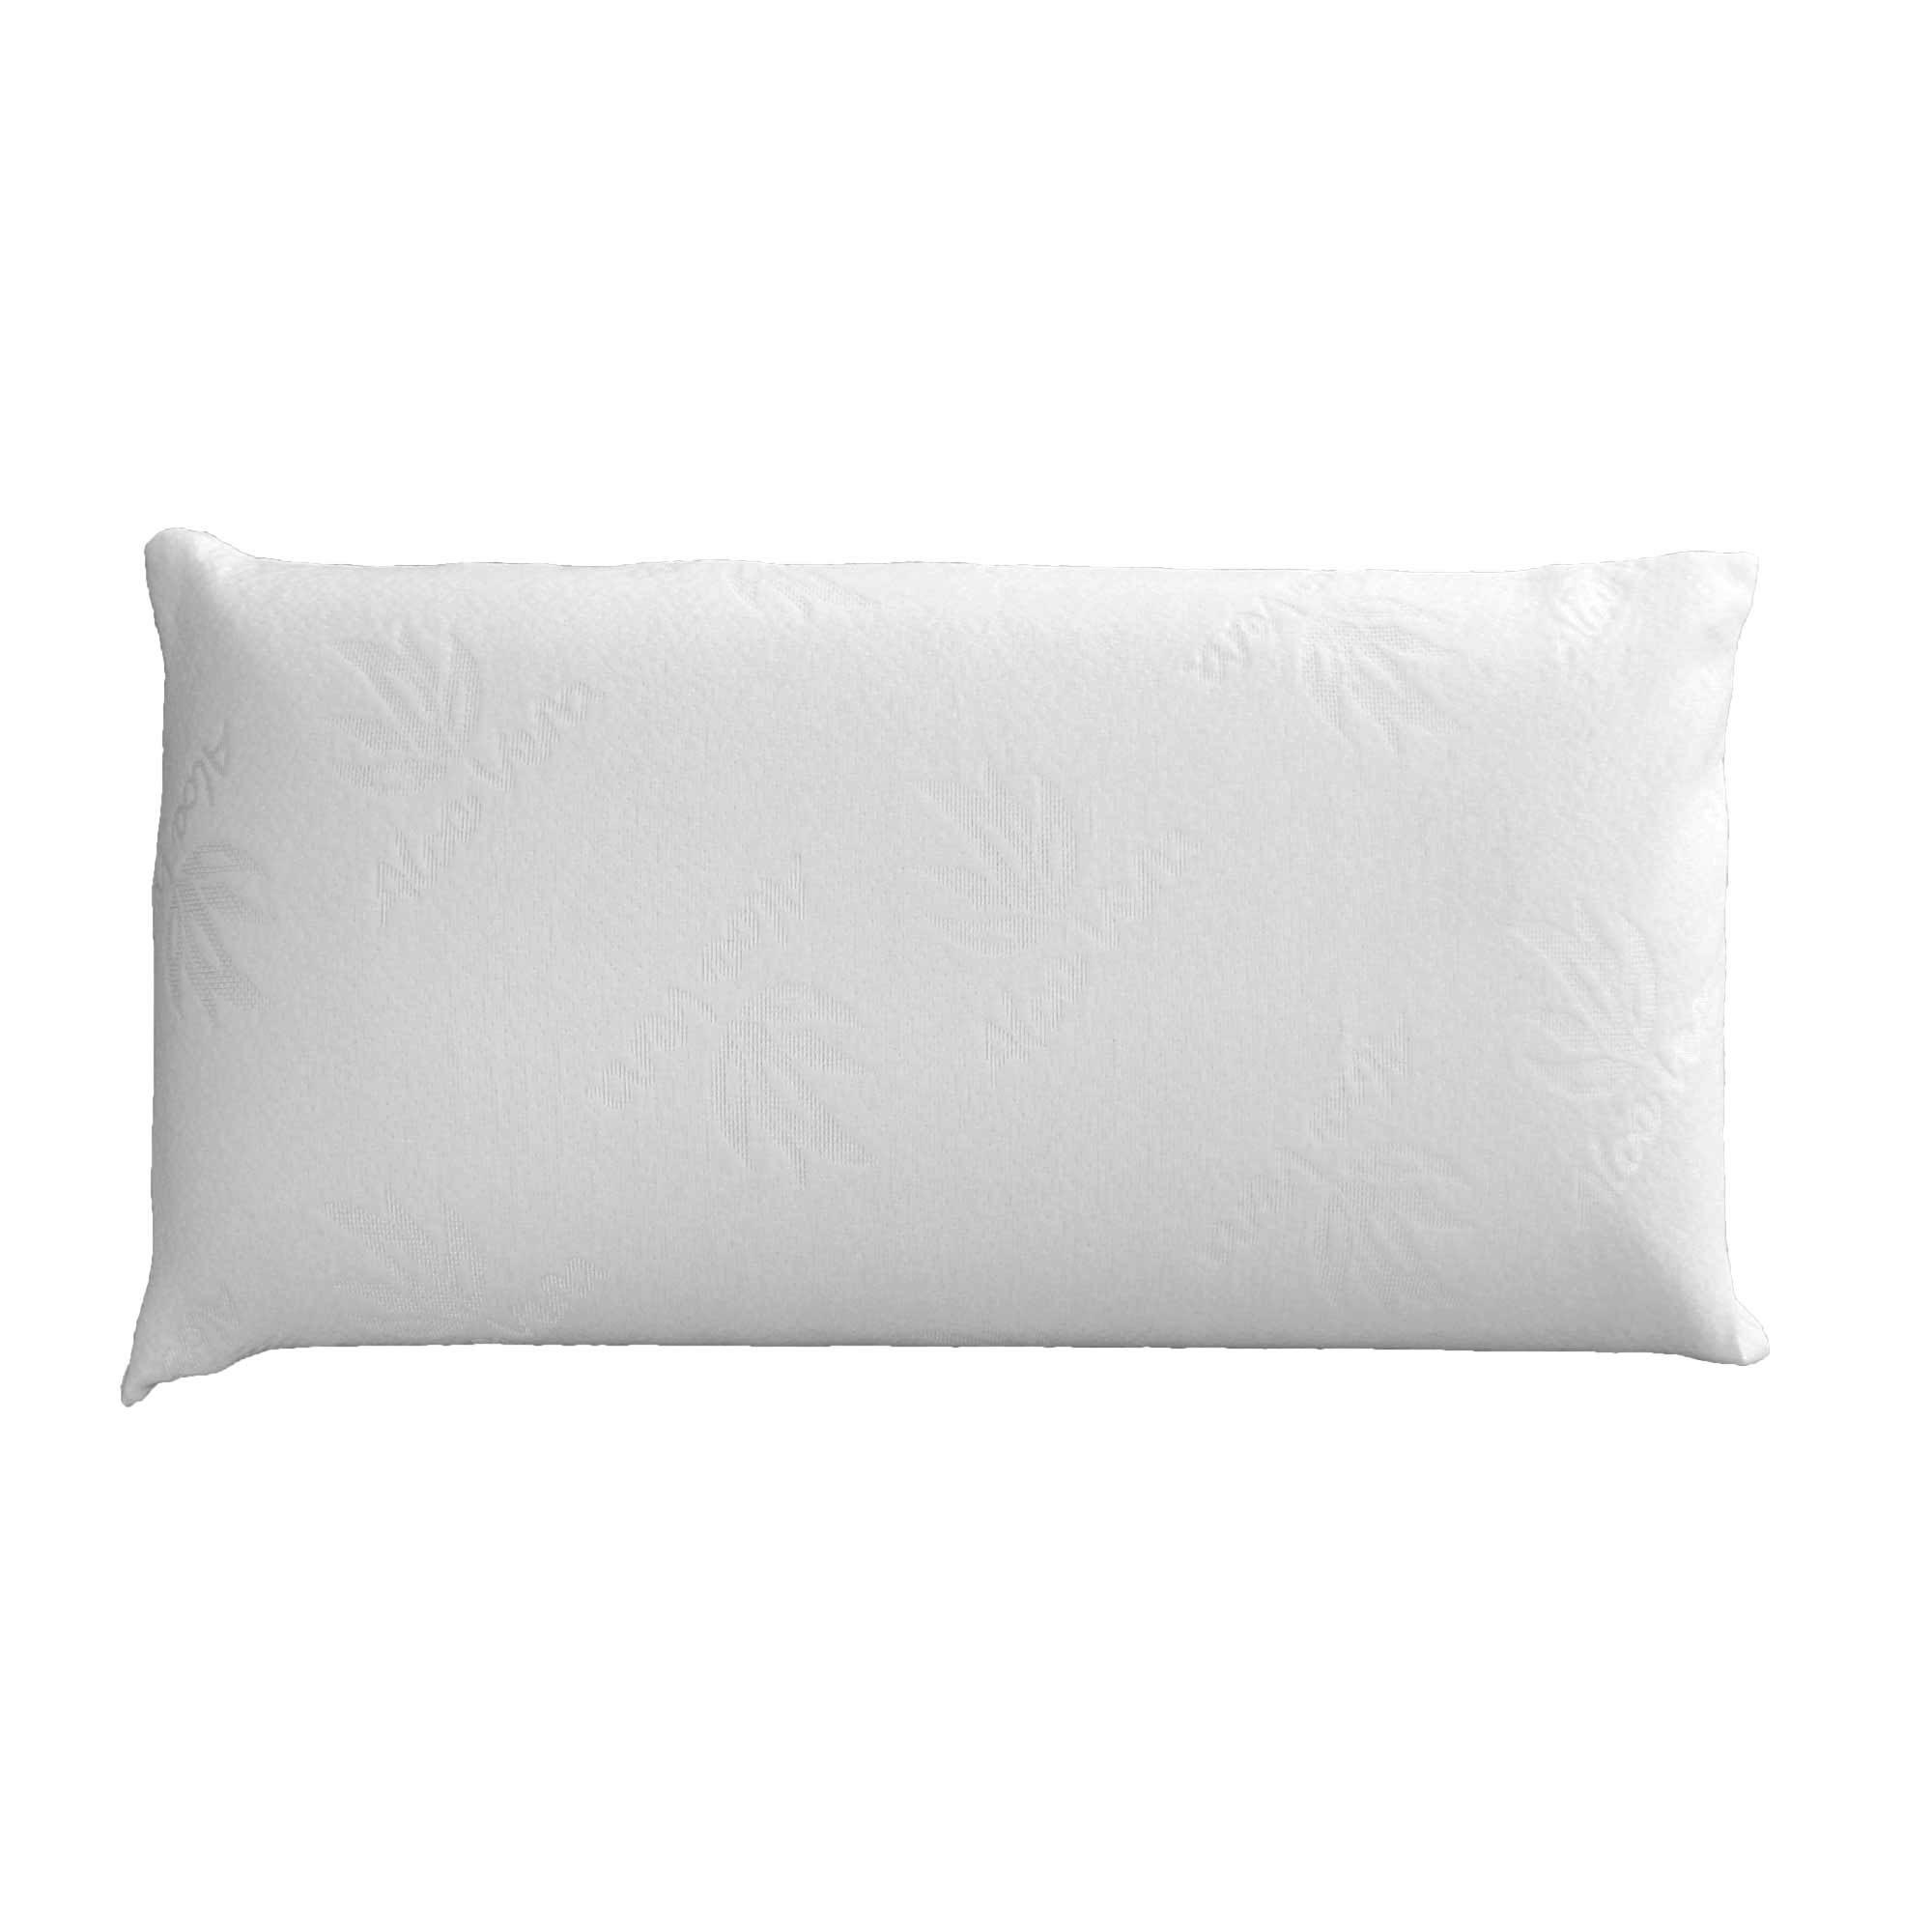 almohada de aloe vera para descansar mejor